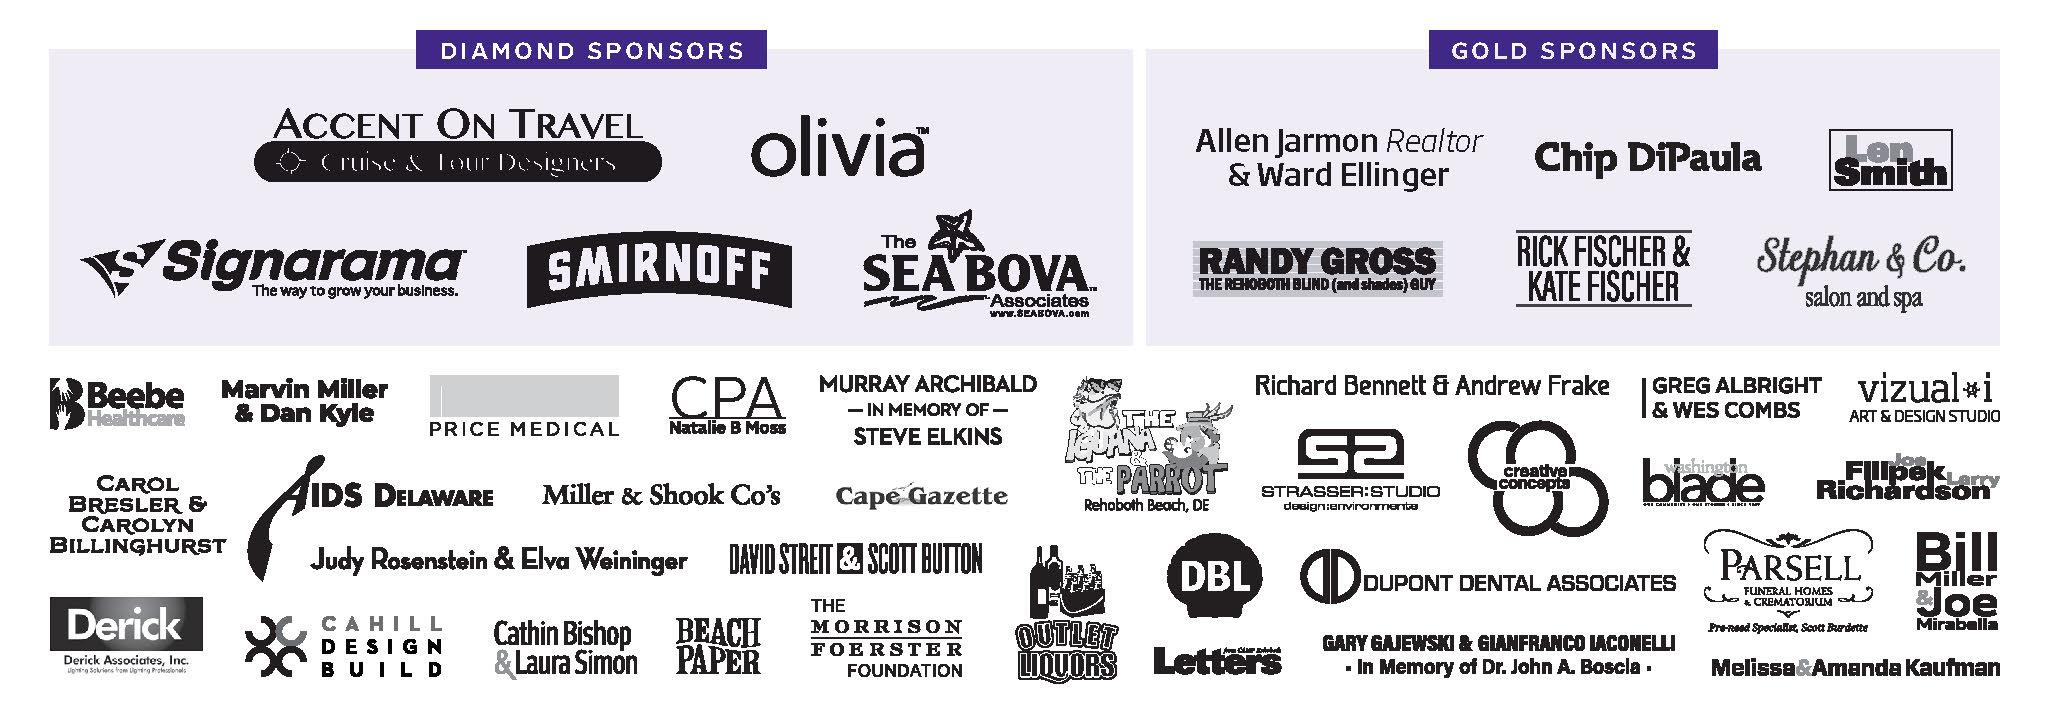 Sponsors for Sundance 2020